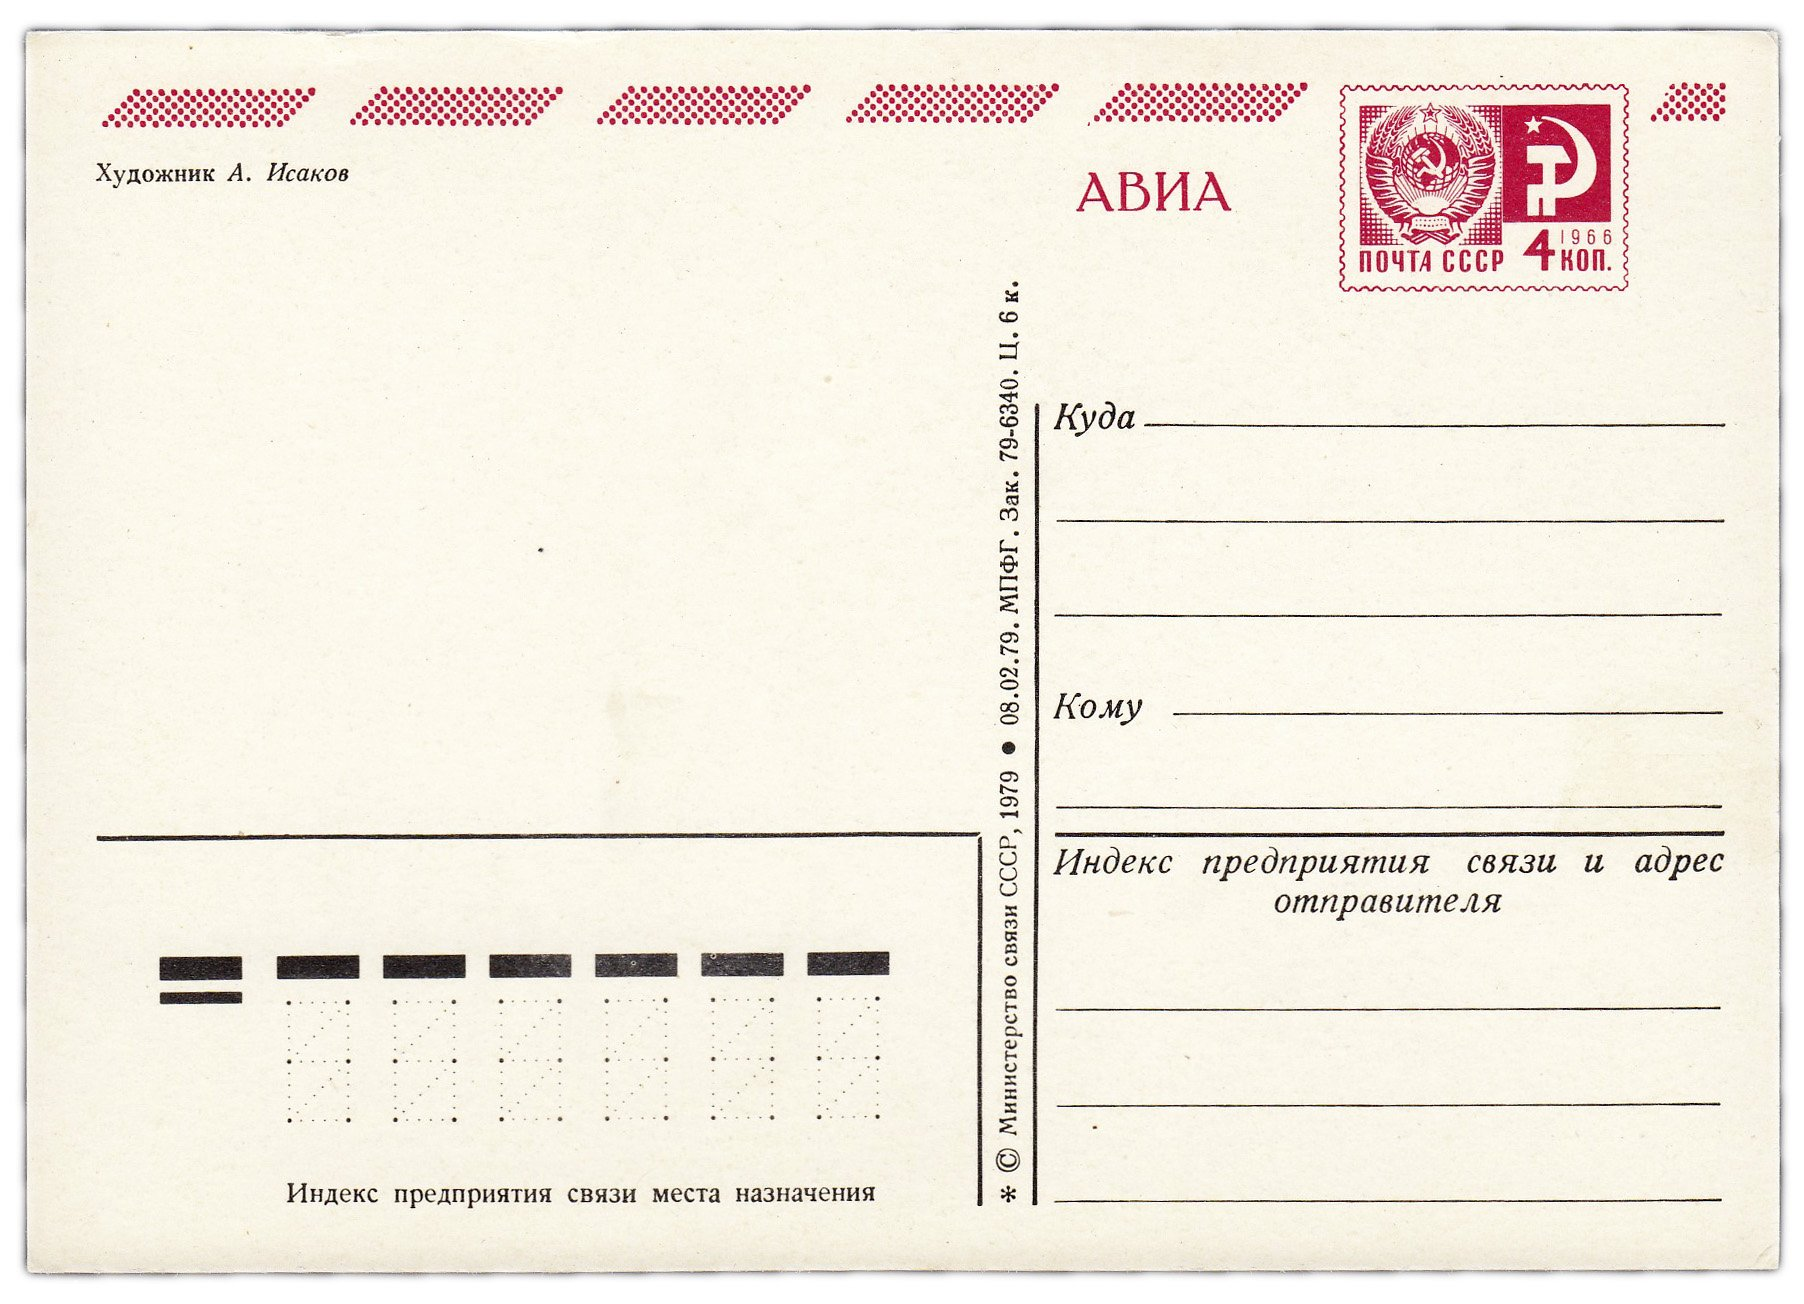 Как заполняется почтовая открытка